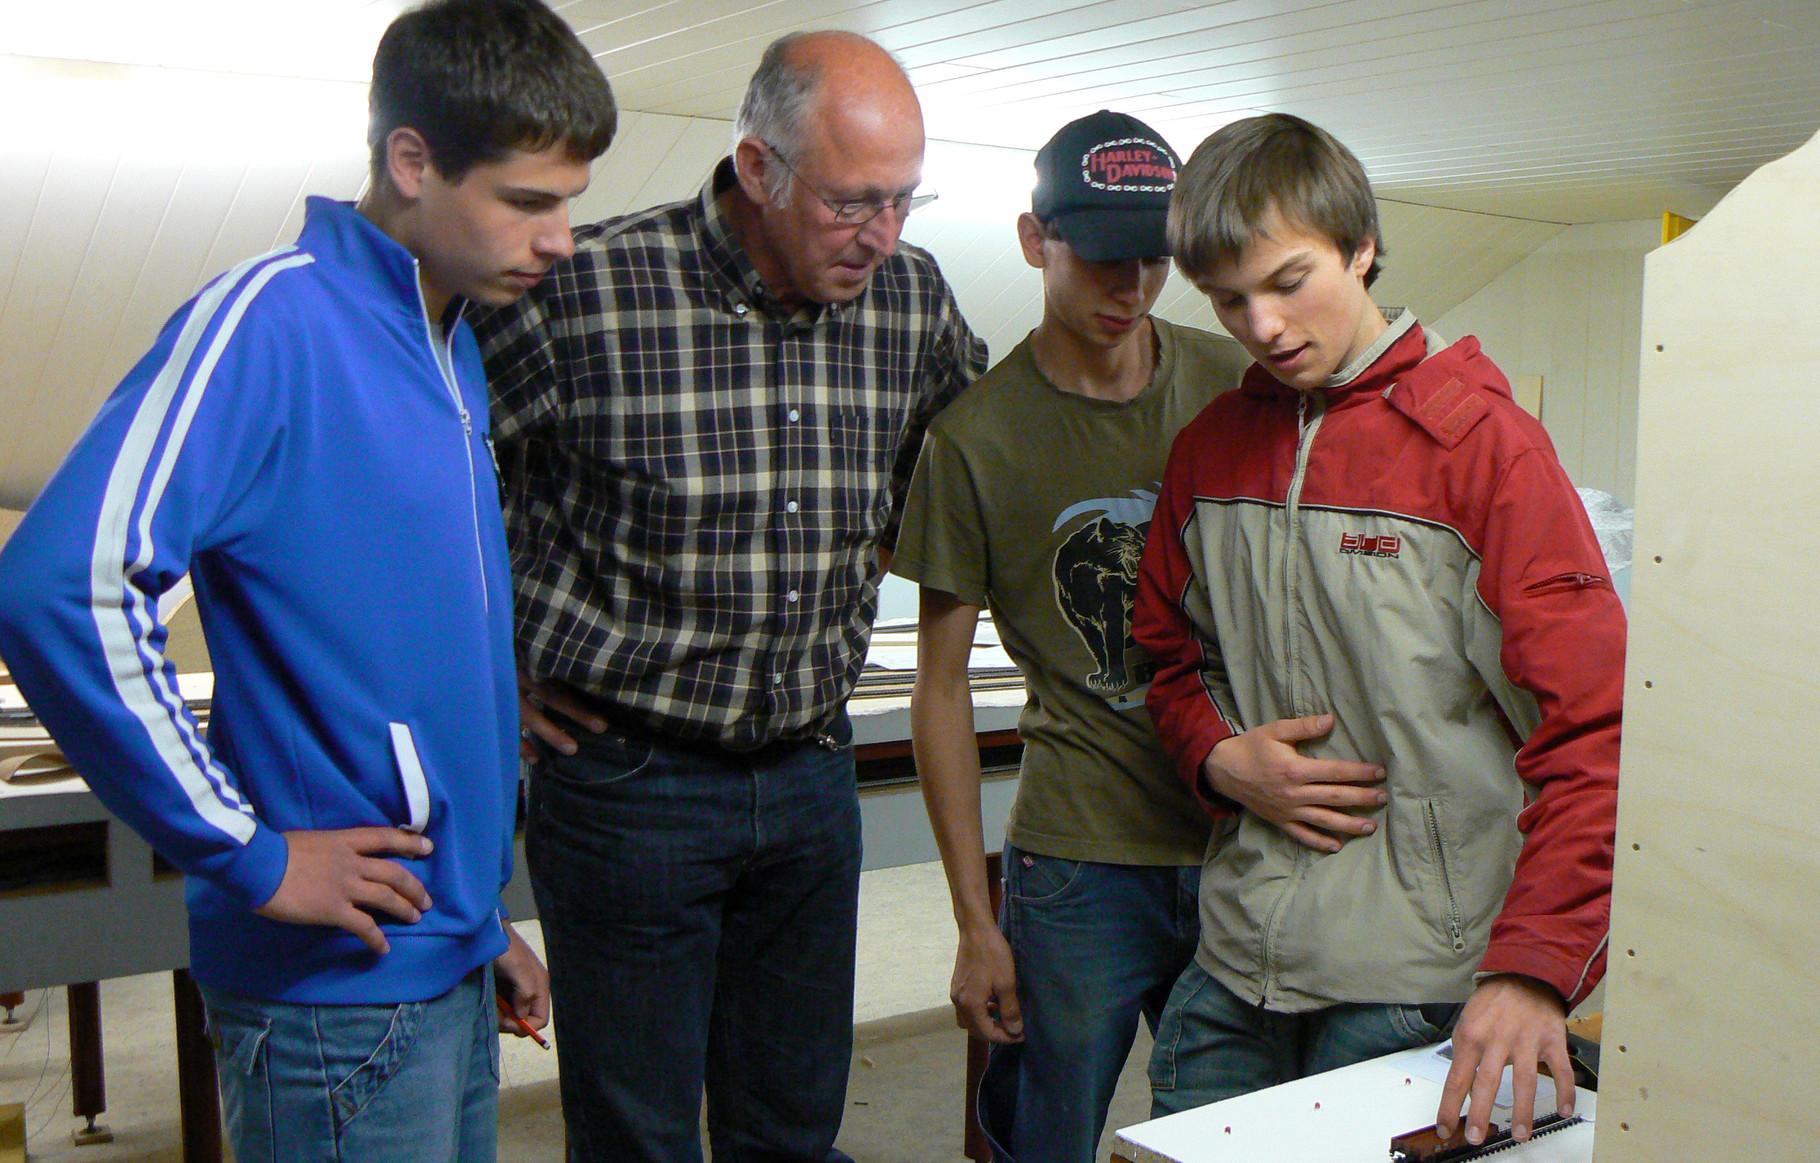 Dominik erklärt einem Besucher, wie die Belegtmeldung beim Märklin-System realisiert wird.  1.5.2007